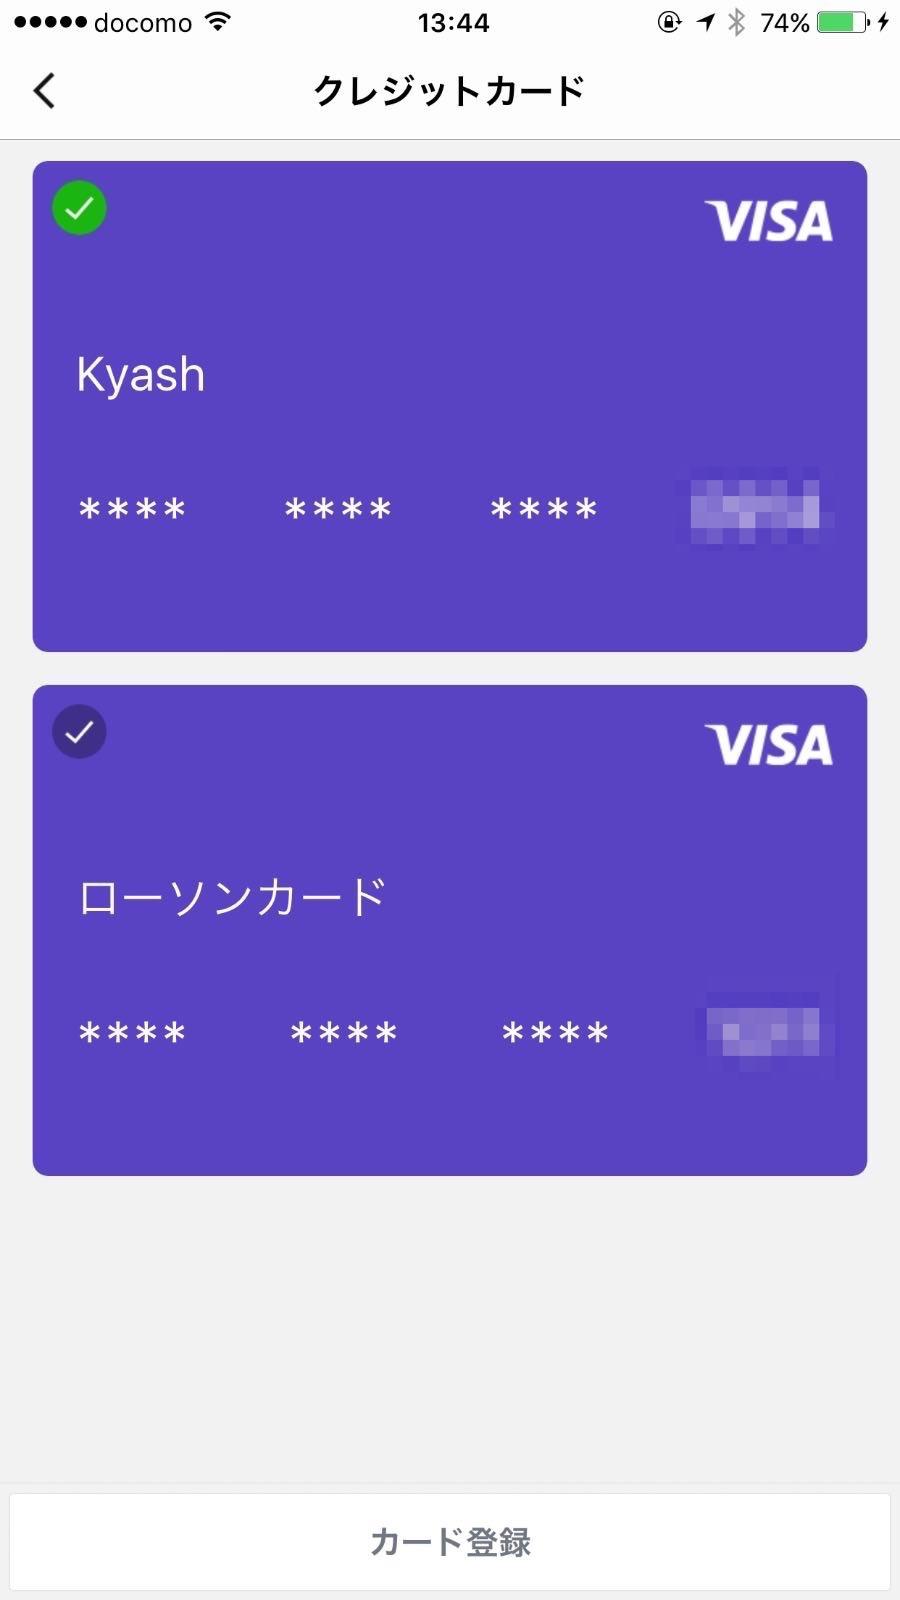 Kyash line stamp 9362